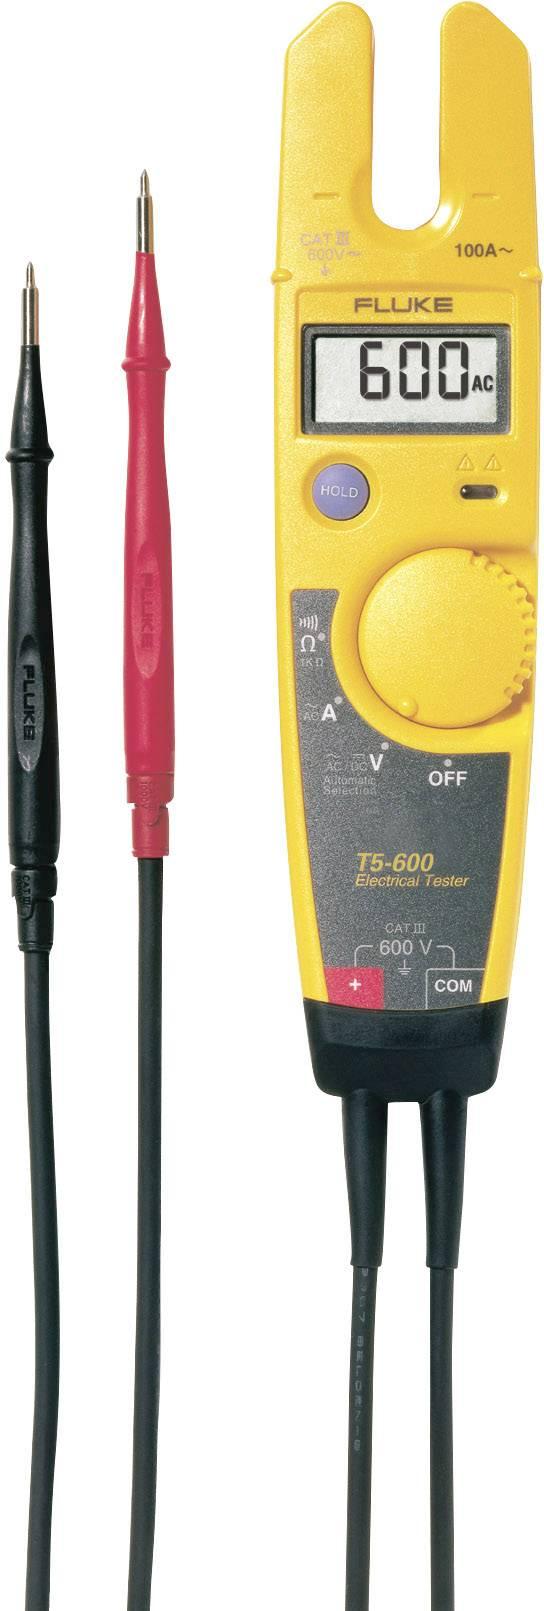 Tester Fluke T5-600